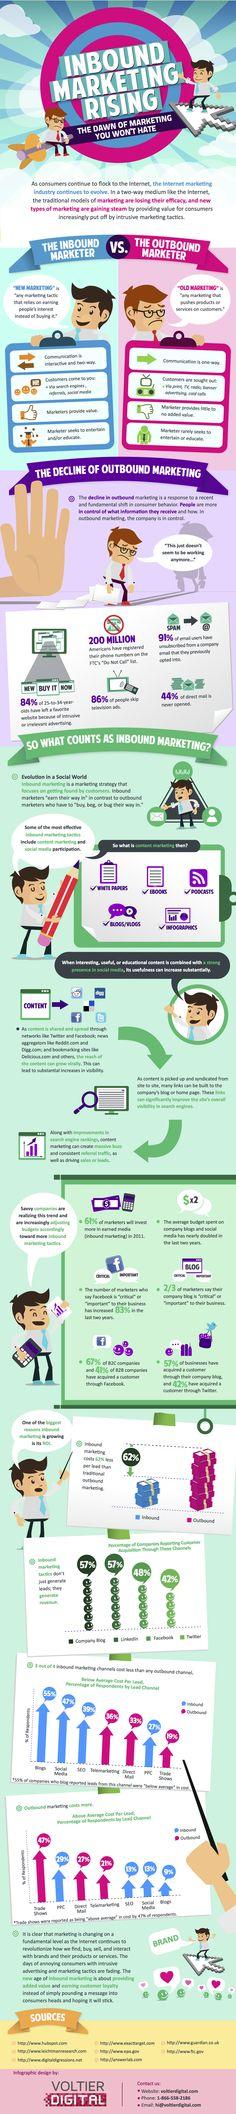 inbound marketing rising infographic